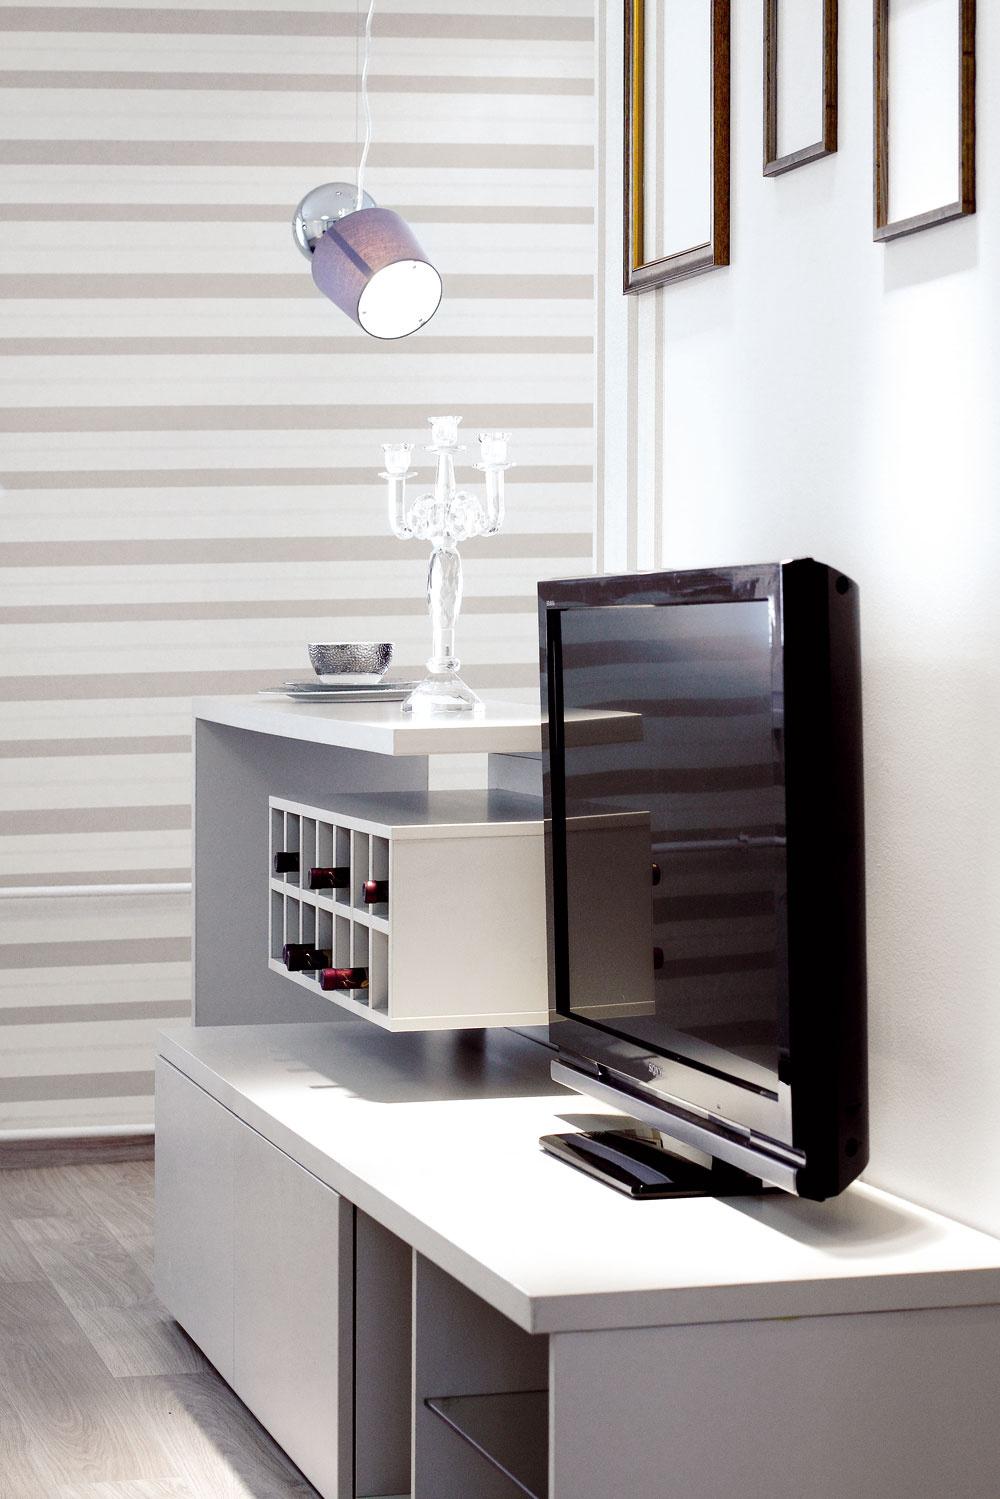 Prázdne rámy obrazov sú dizajnovým doplnkom, kopírujúcim tvar televízora, ktorý zatiaľ nemá definitívne miesto – neskôr majiteľ plánuje kúpiť nový azavesiť ho na stenu.